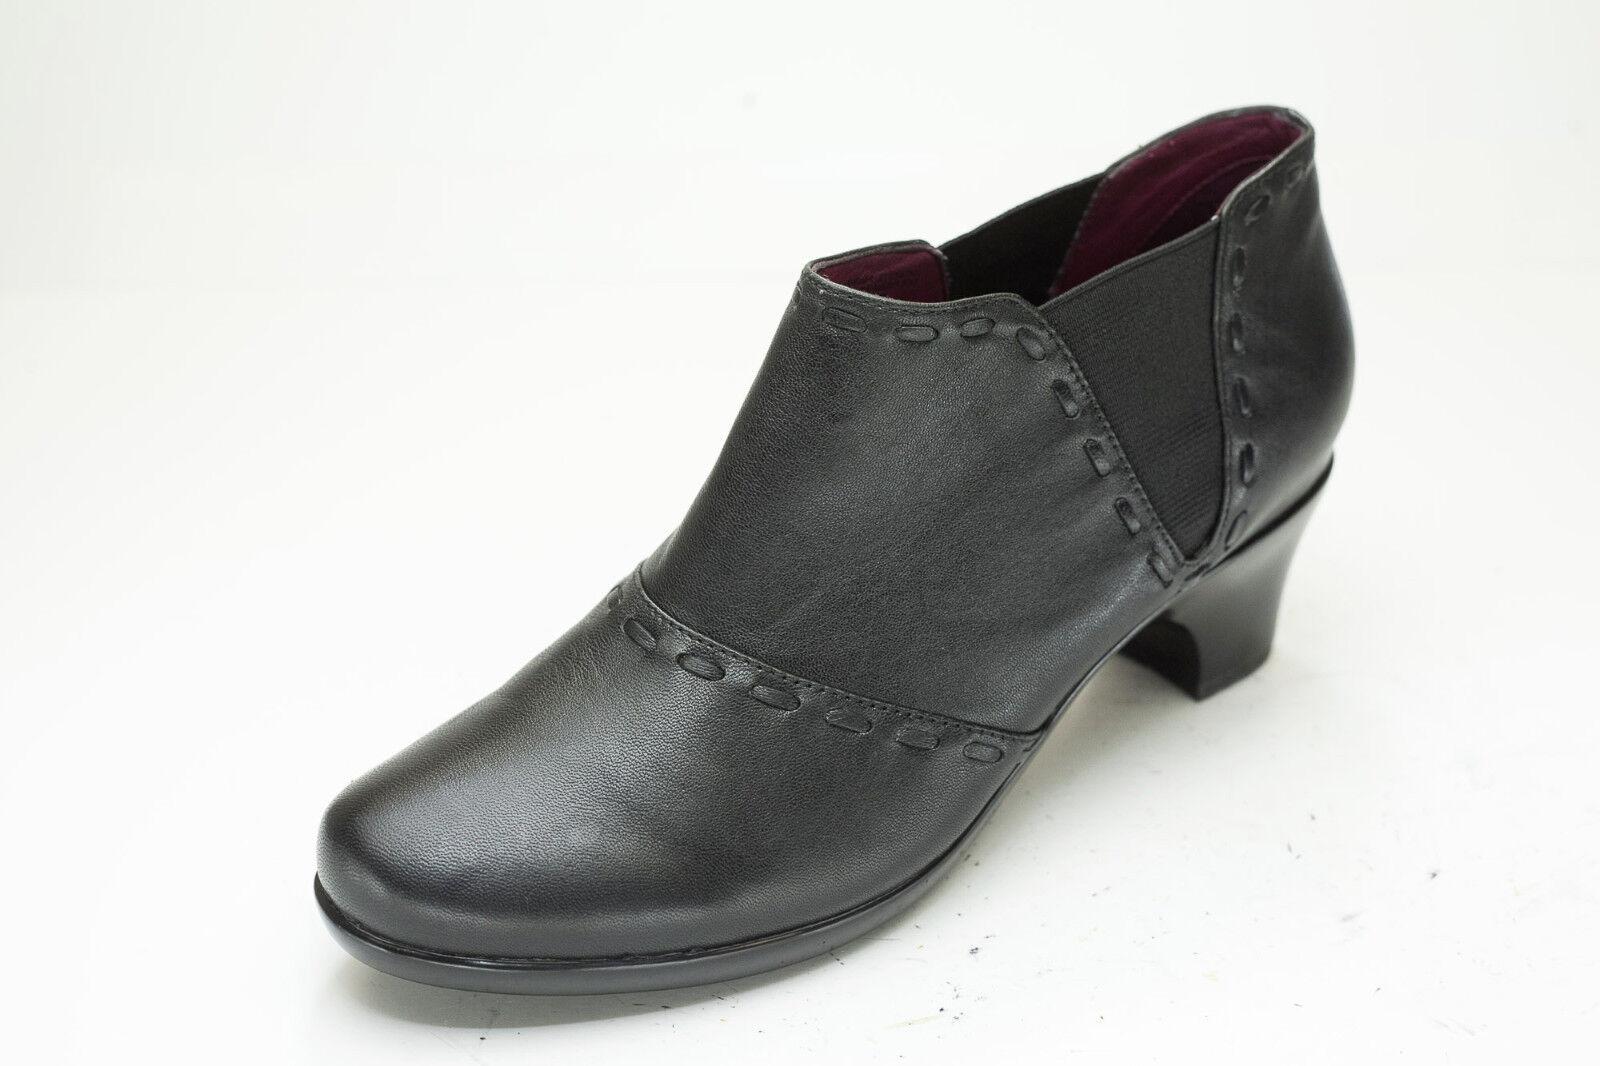 Abeo 9 Negro Chelsea Occidental botas al al botas tobillo para mujer 29098d